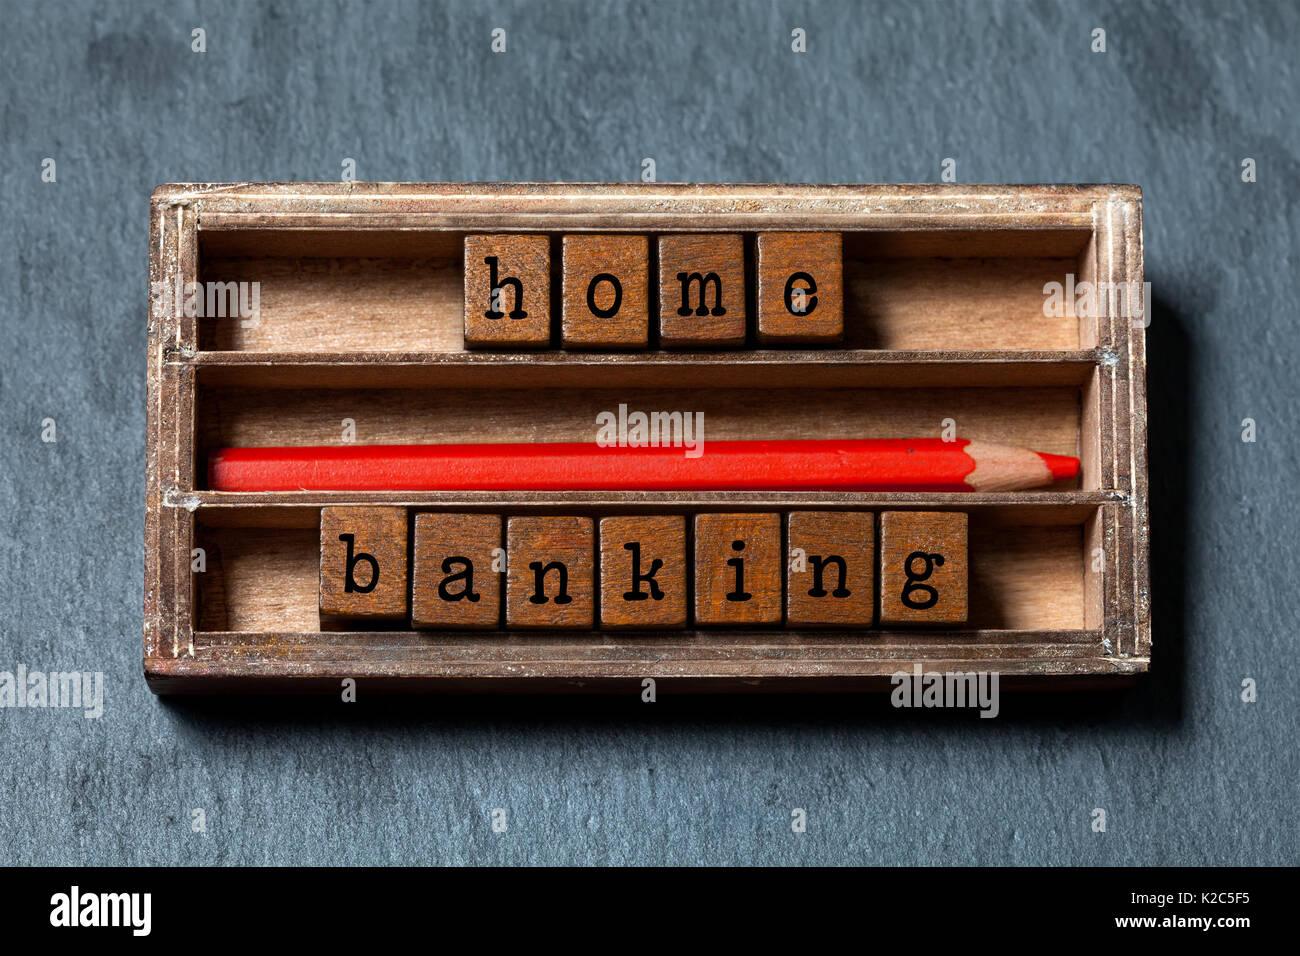 Home banking, concepto de presupuestación de imagen. Las cajas de madera con letras, lápiz rojo, con edad de verificación. Foto de stock